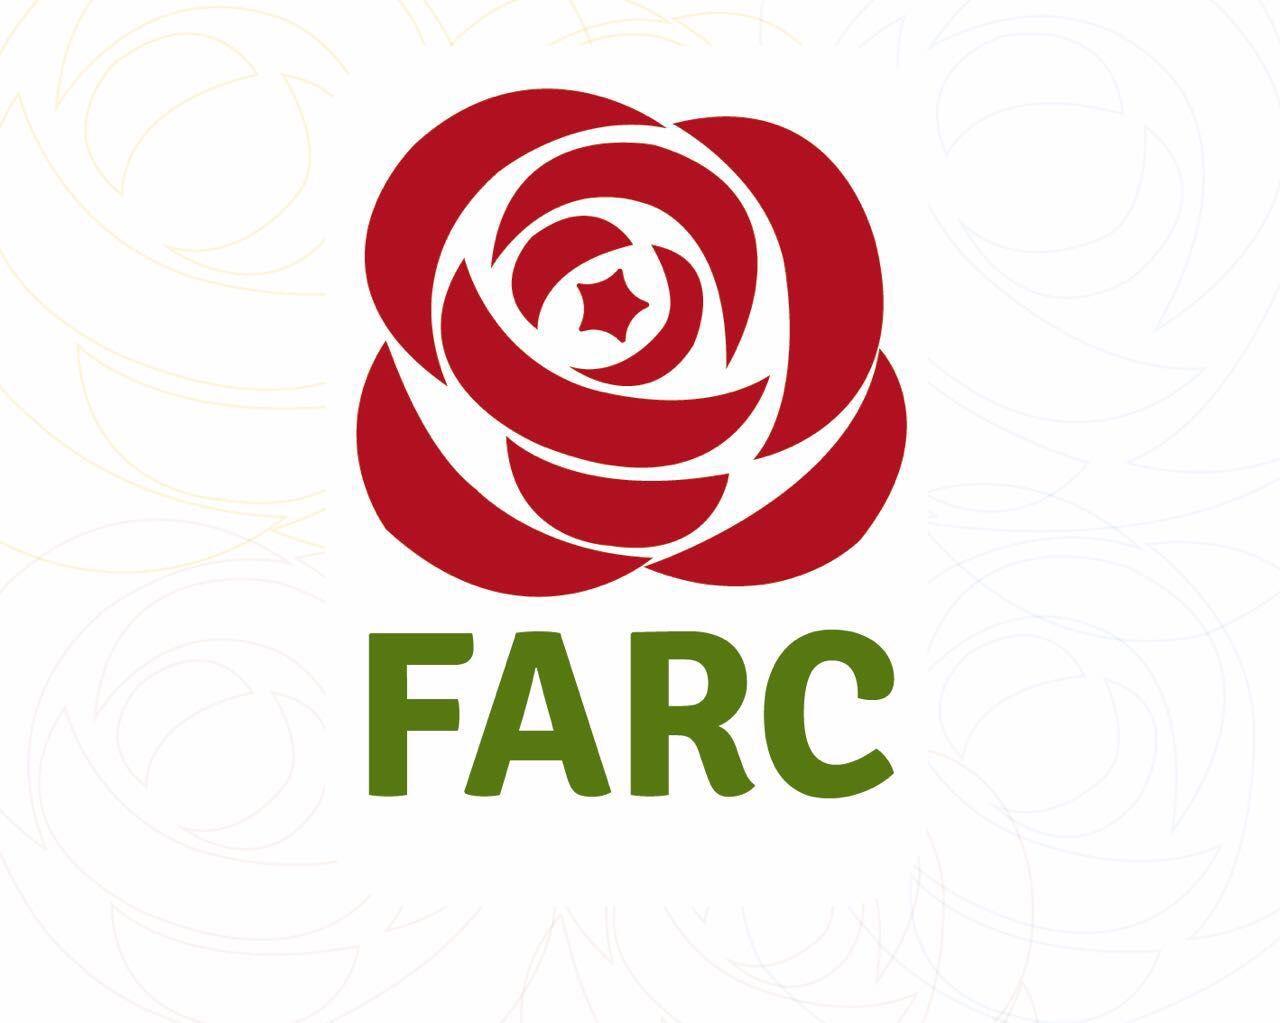 Significado del logo y el nombre del partido político de las Farc ...